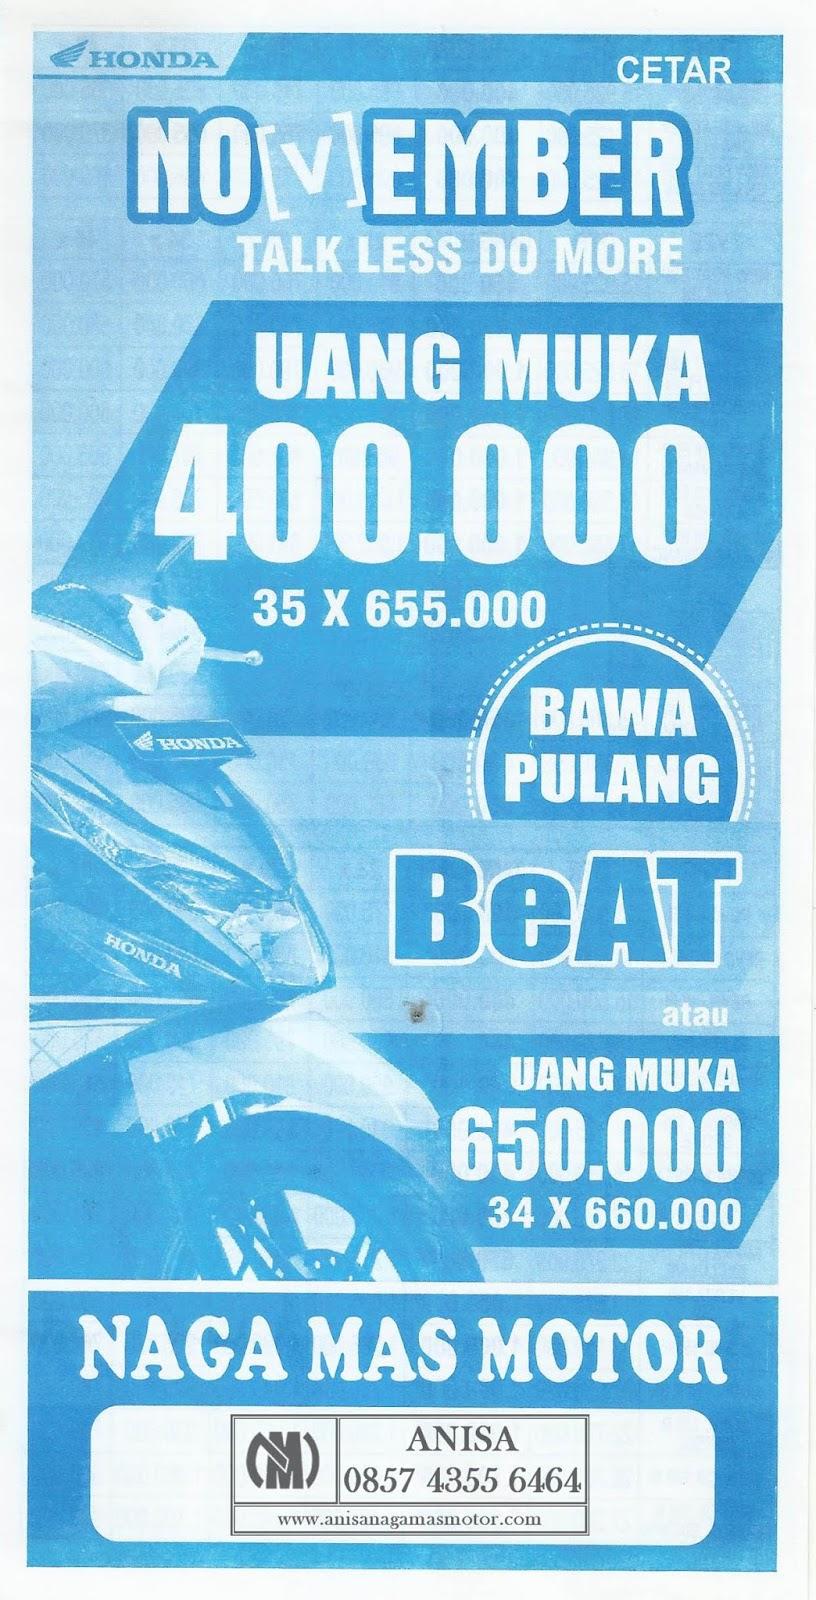 Anisa Counter Sales Dealer Nagamas Motor Klaten All New Beat Sporty Esp Cbs Iss Soul Red White Kota Semarang Promo November Talk Less Do More